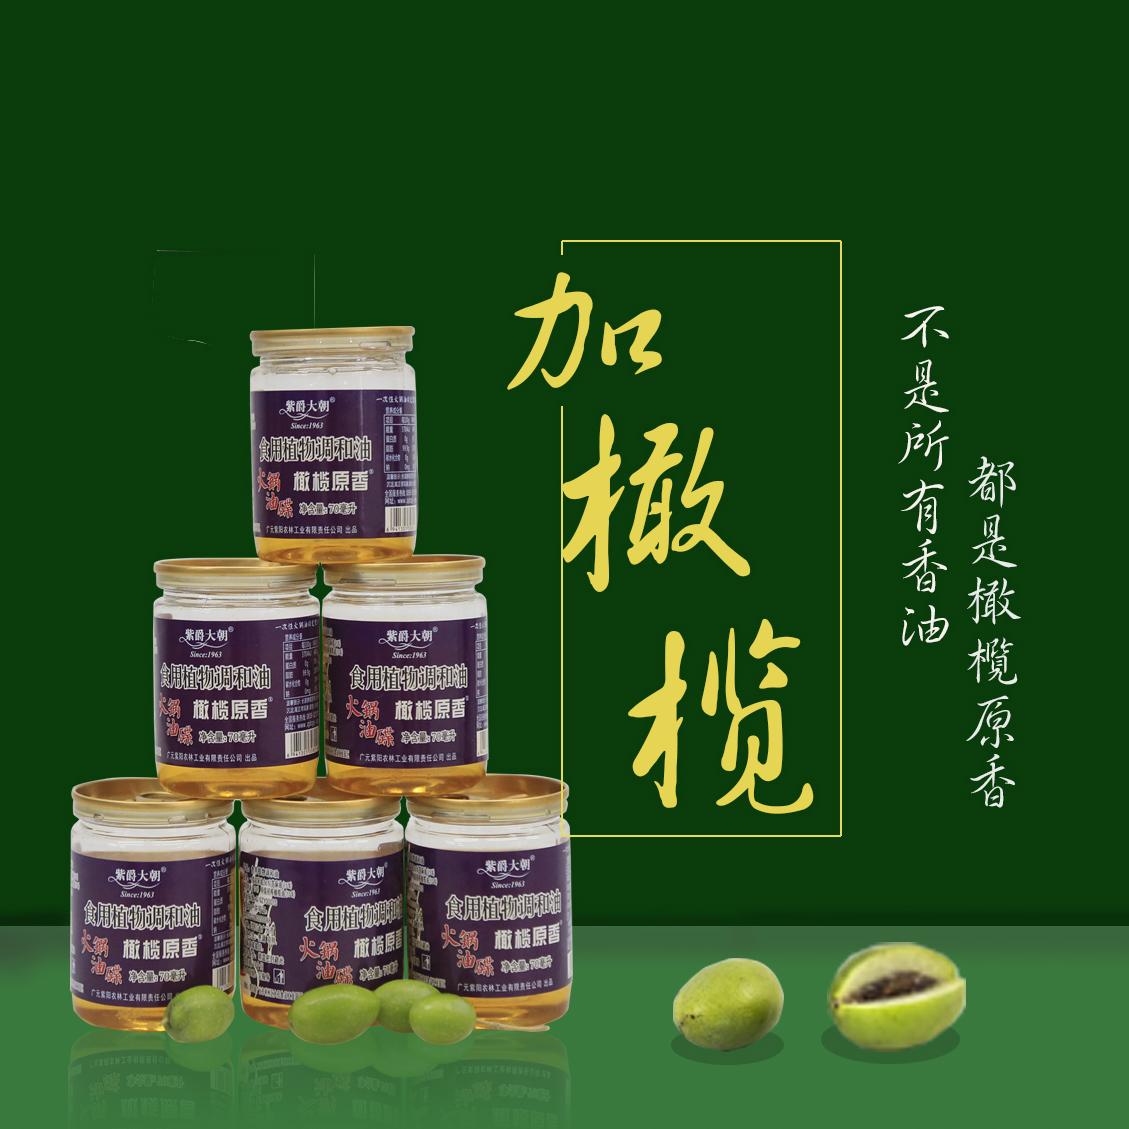 橄榄原香(紫皮)易拉罐装